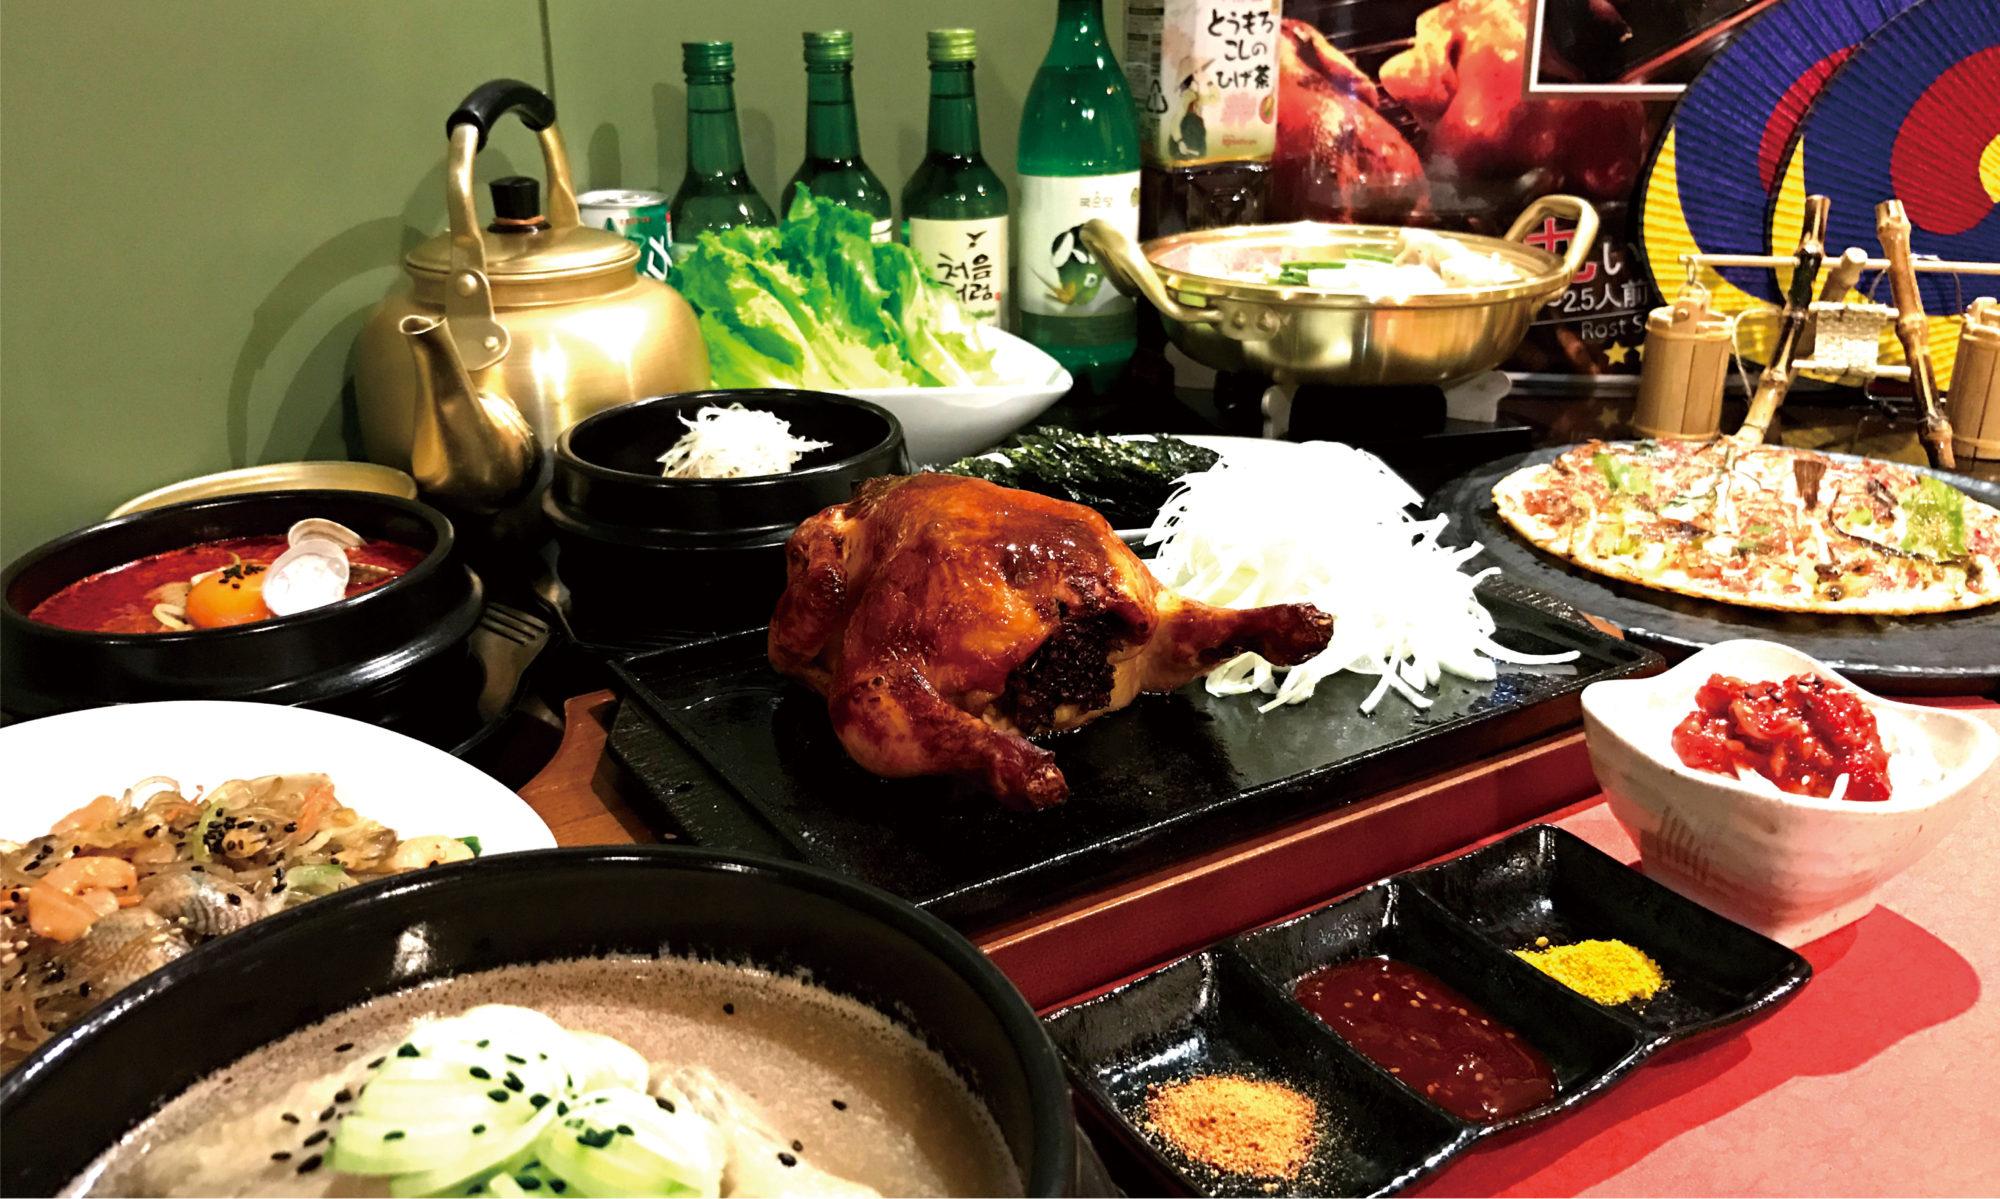 横浜スタジアムから一番近い韓国居酒屋・関内韓国料理サムゲタン・サムギョプサルはソクチョサムゲタン韓国料理漢方焼きサムゲタン参鶏湯専門店